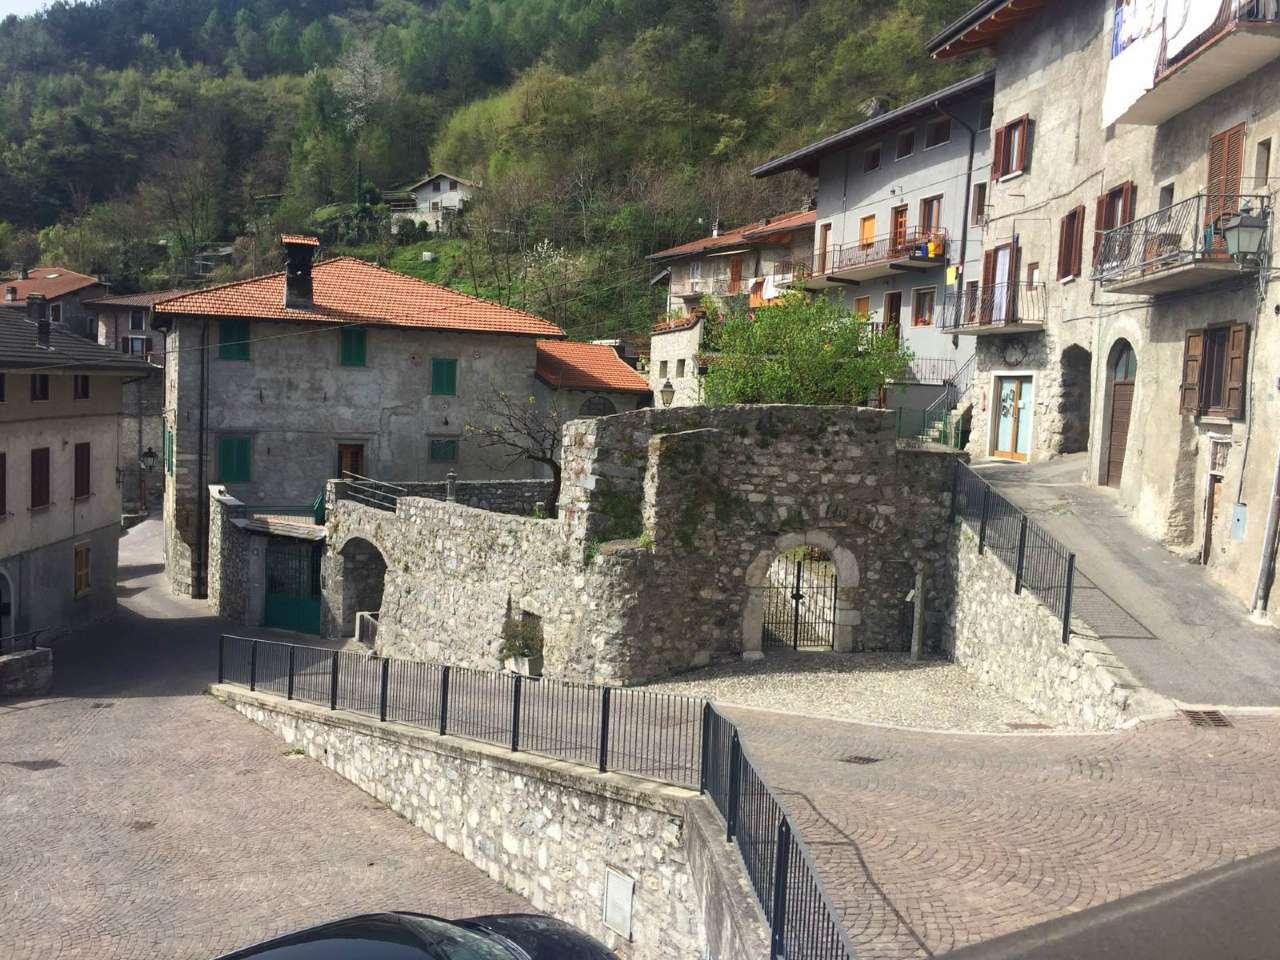 Palazzo / Stabile in Vendita a Cerveno